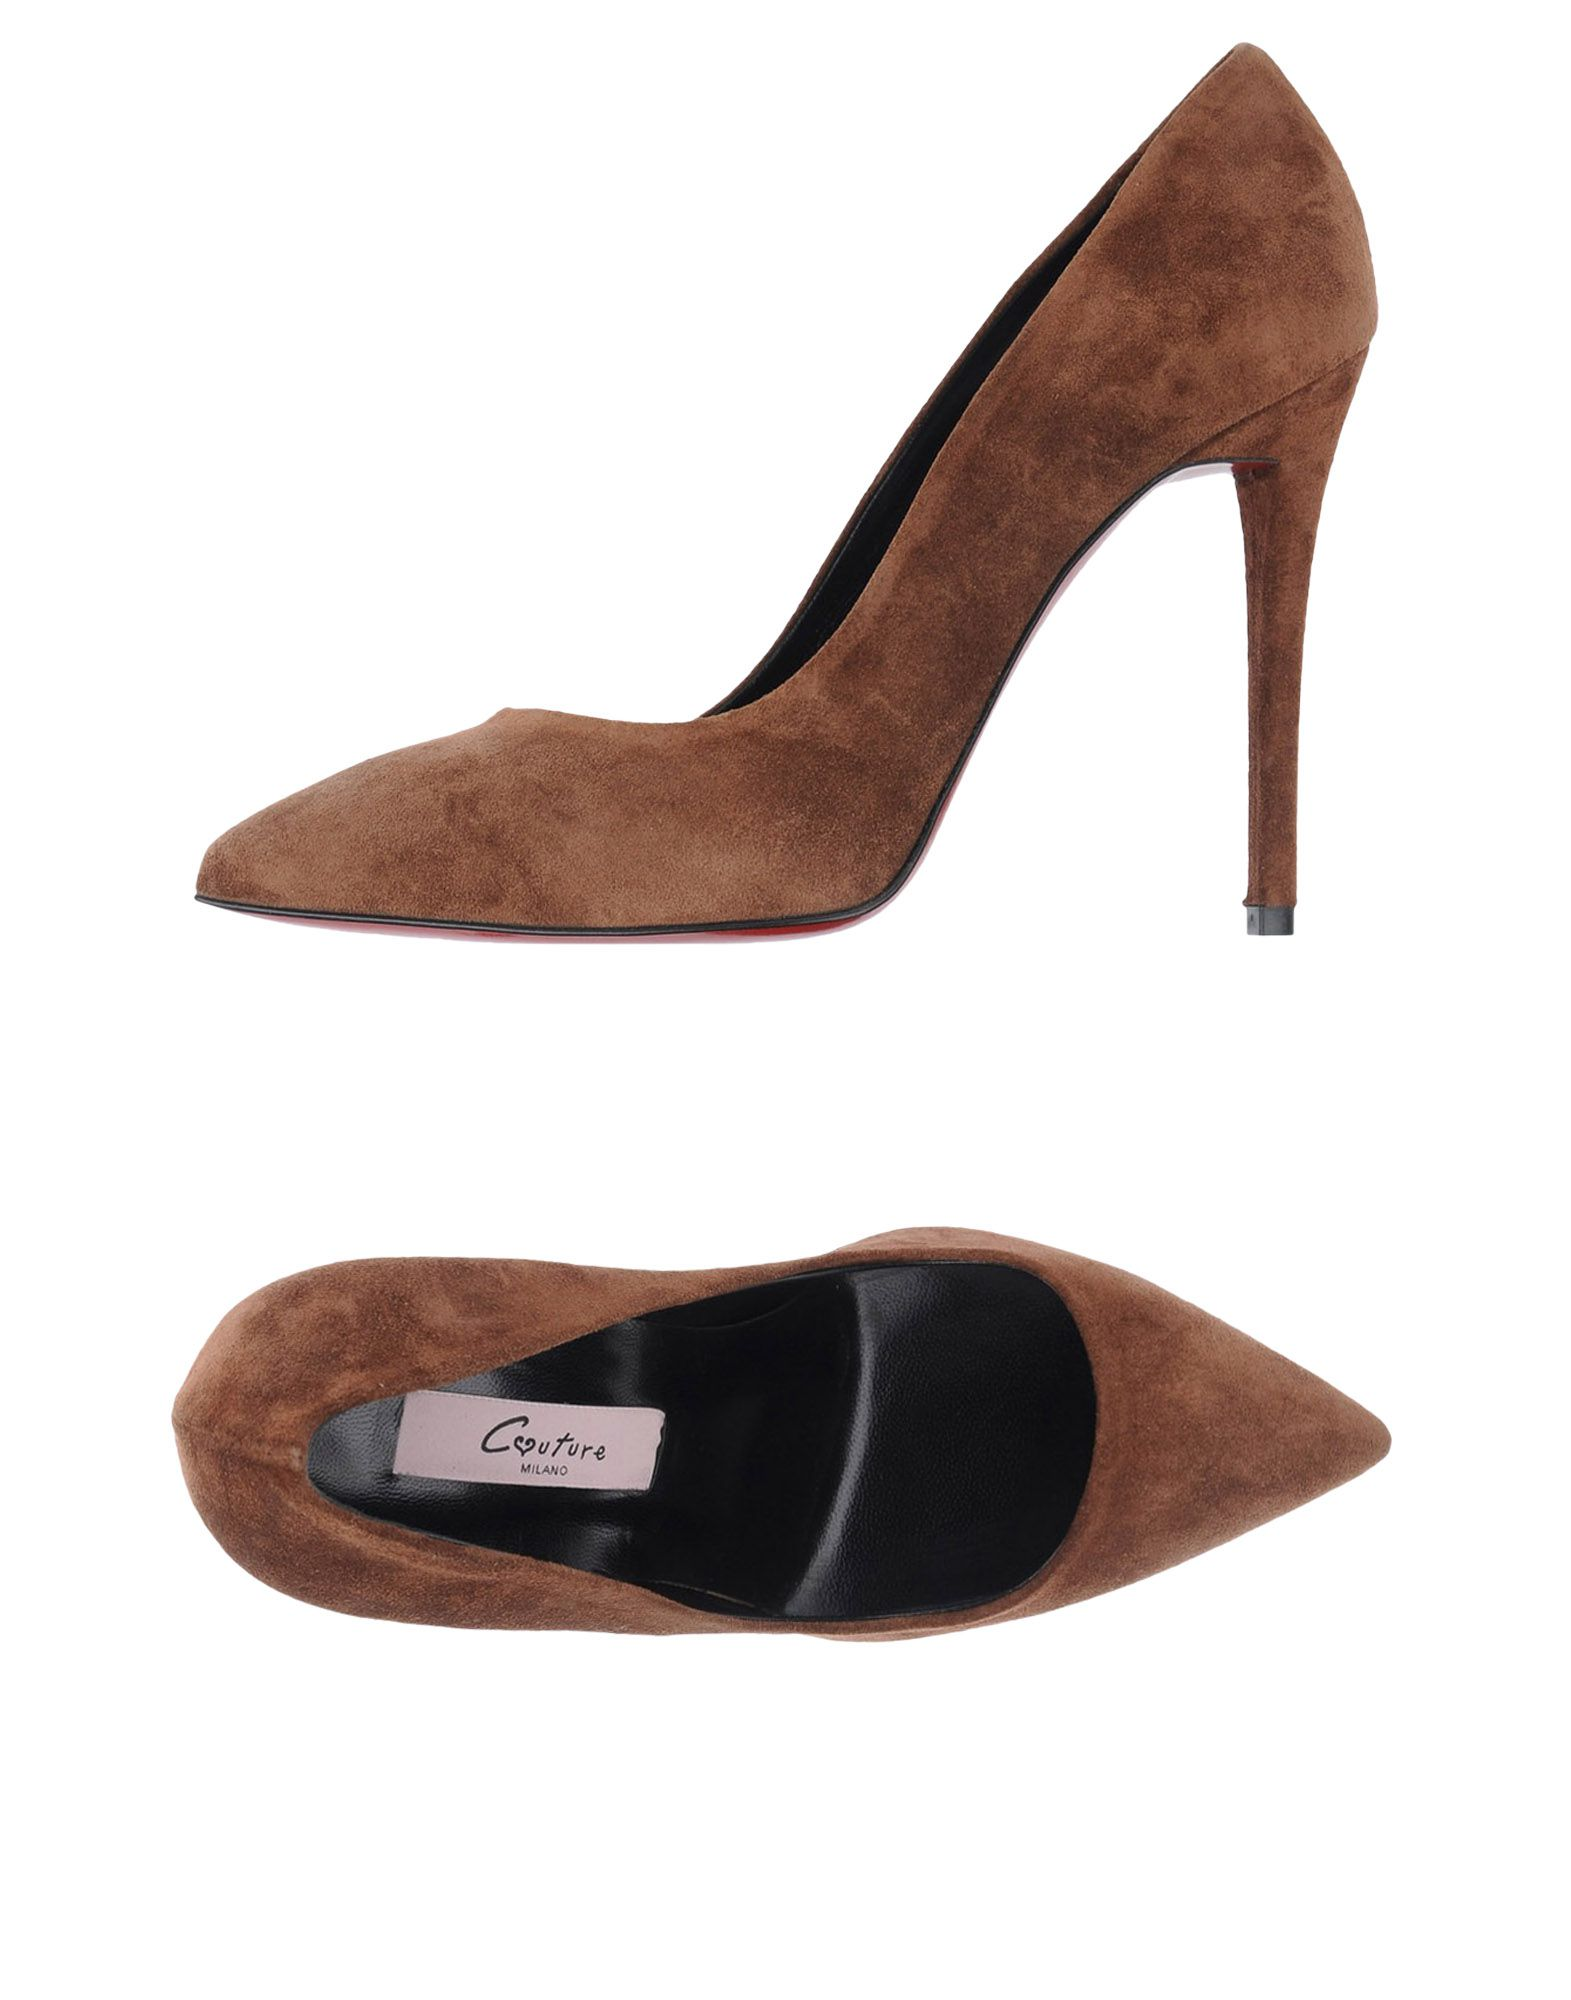 Moda Décolleté Décolleté Moda Couture Donna - 11242902GA dfba0a